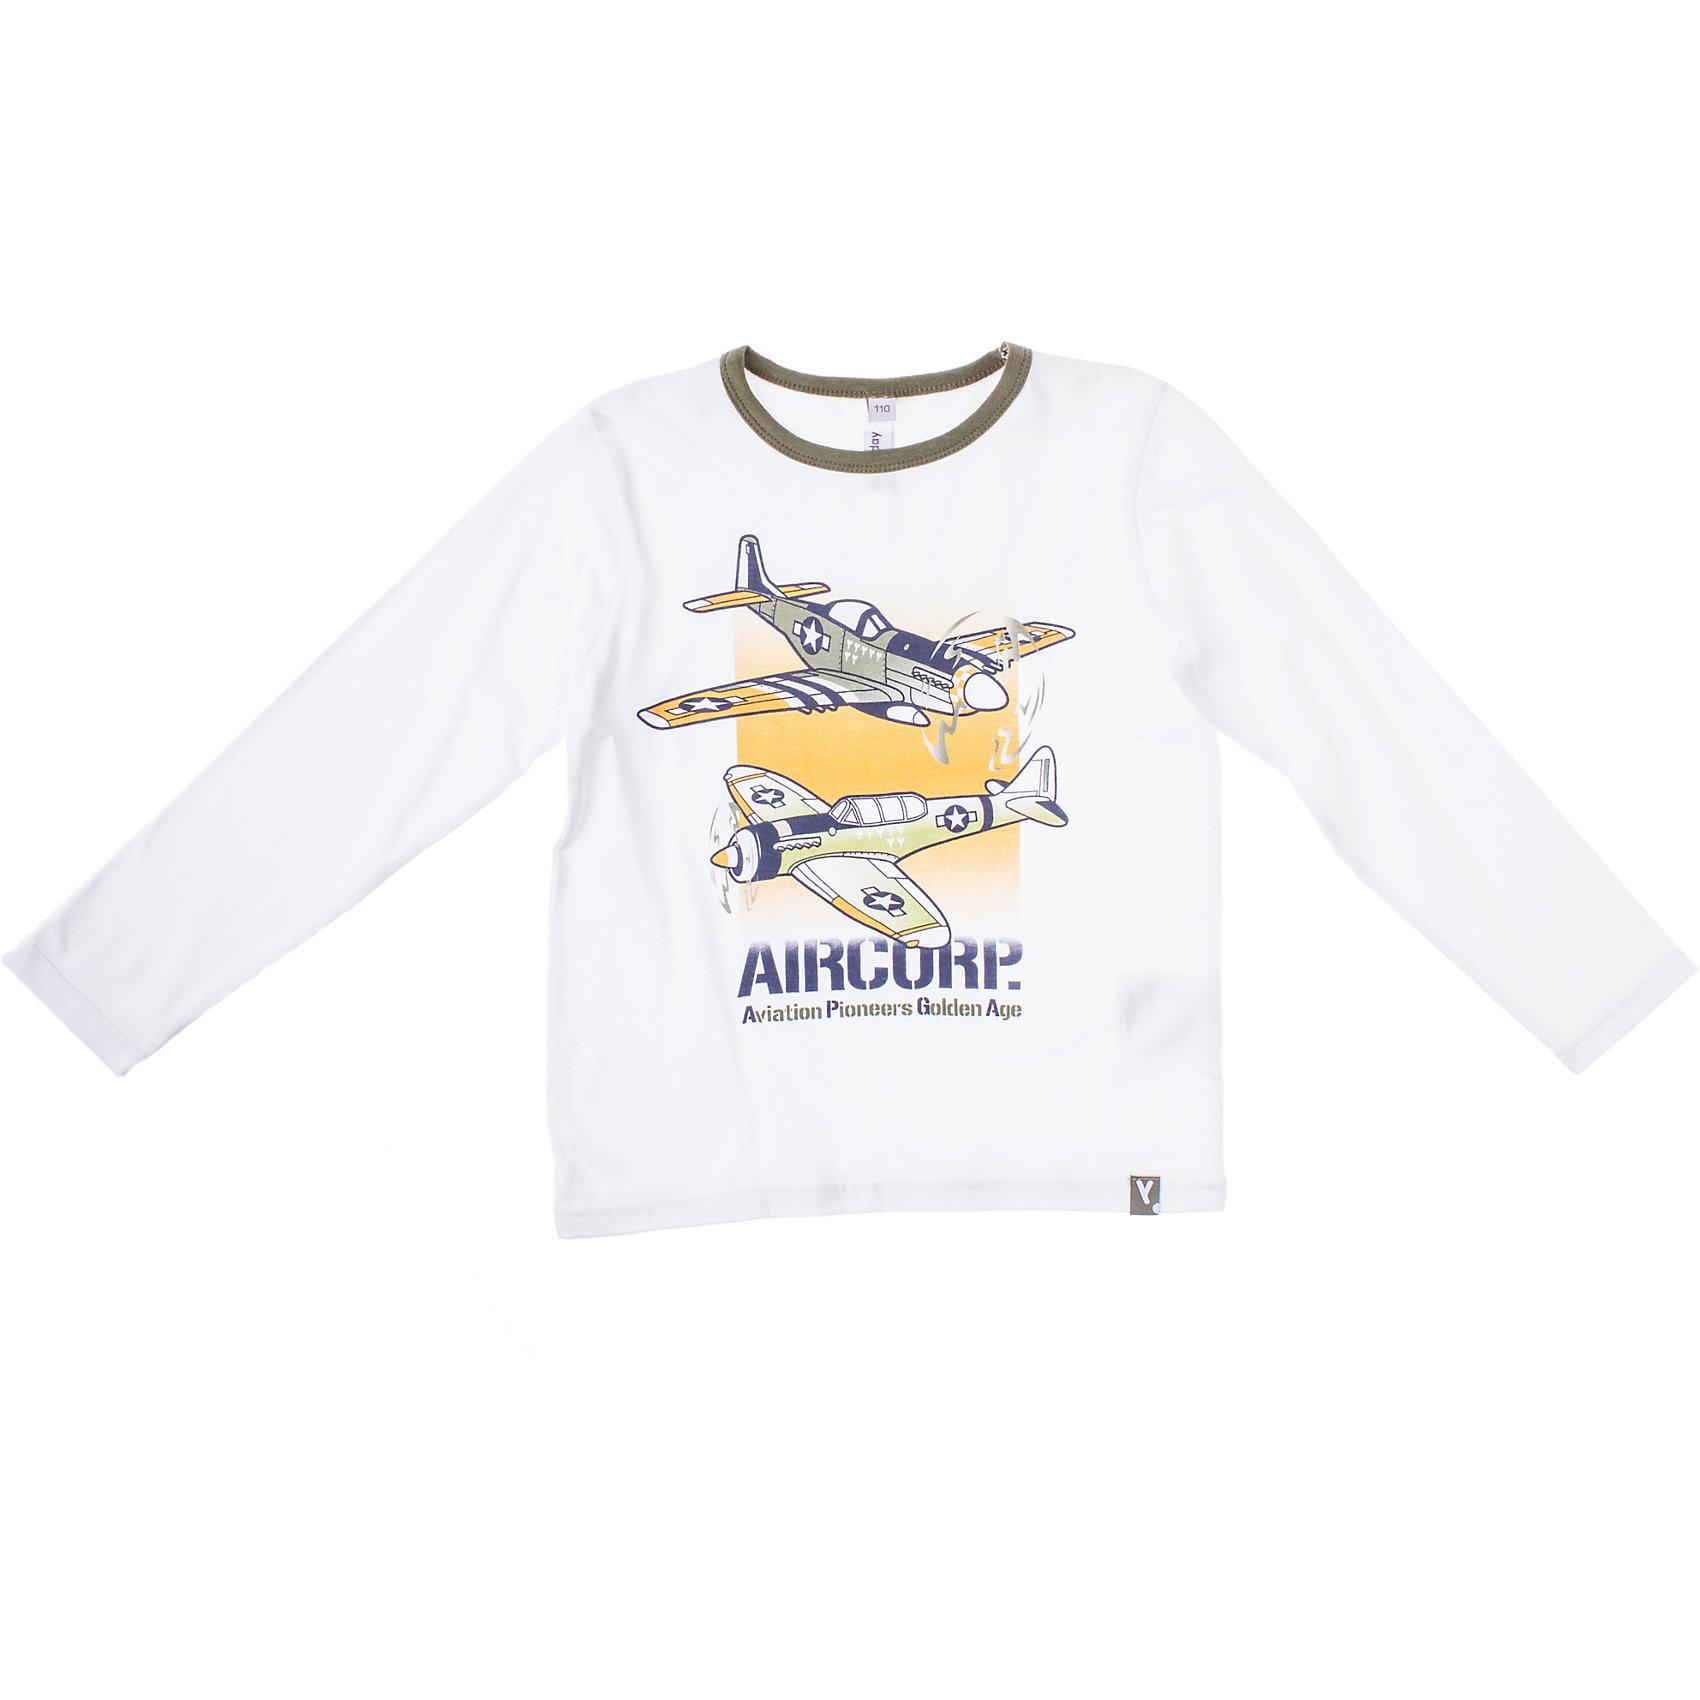 Футболка с длинным рукавом для мальчика PlayTodayФутболка для мальчика PlayToday Белая футболка  с изображением самолетов. Горловина  изделия обработана бейкой контрастного цвета. Состав: 95% хлопок, 5% эластан<br><br>Ширина мм: 199<br>Глубина мм: 10<br>Высота мм: 161<br>Вес г: 151<br>Цвет: белый<br>Возраст от месяцев: 24<br>Возраст до месяцев: 36<br>Пол: Мужской<br>Возраст: Детский<br>Размер: 98,116,128,122,110,104<br>SKU: 4227727